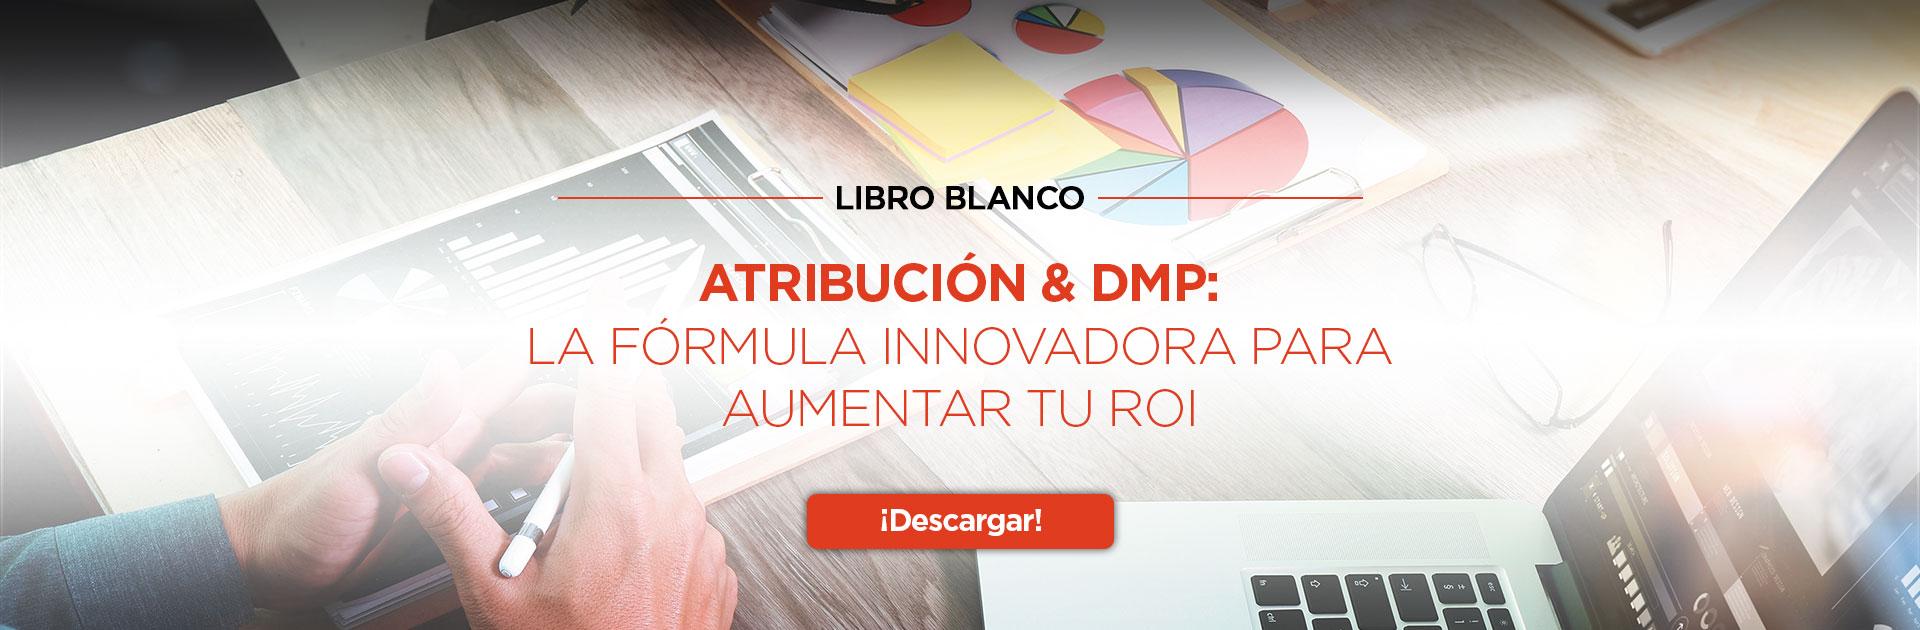 Libro Blanco : Atribucion & DMP